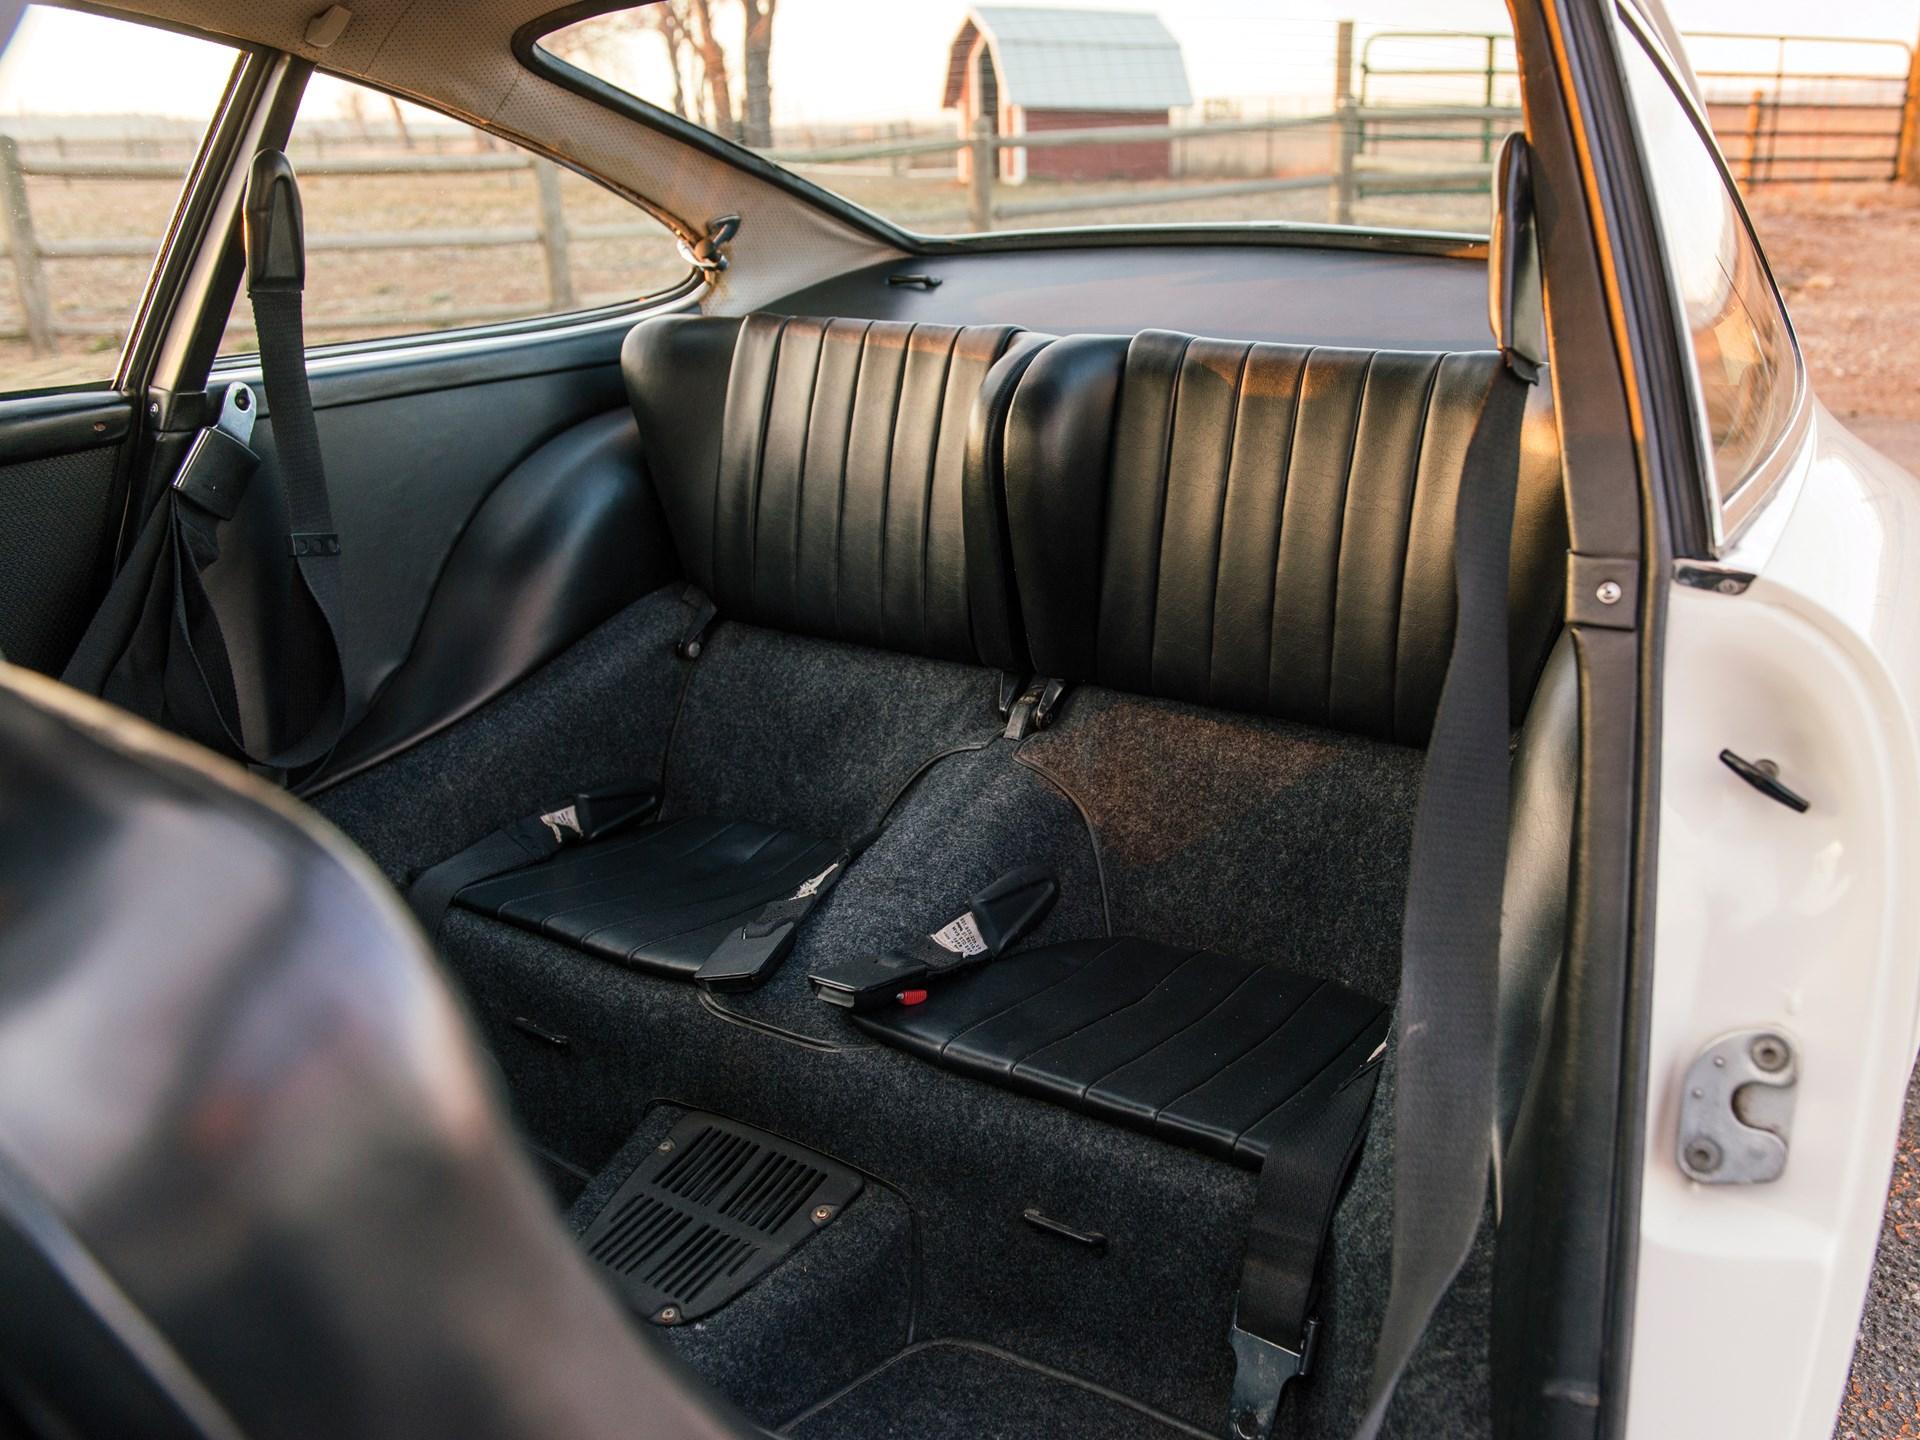 1969 Porsche 912 rear seats